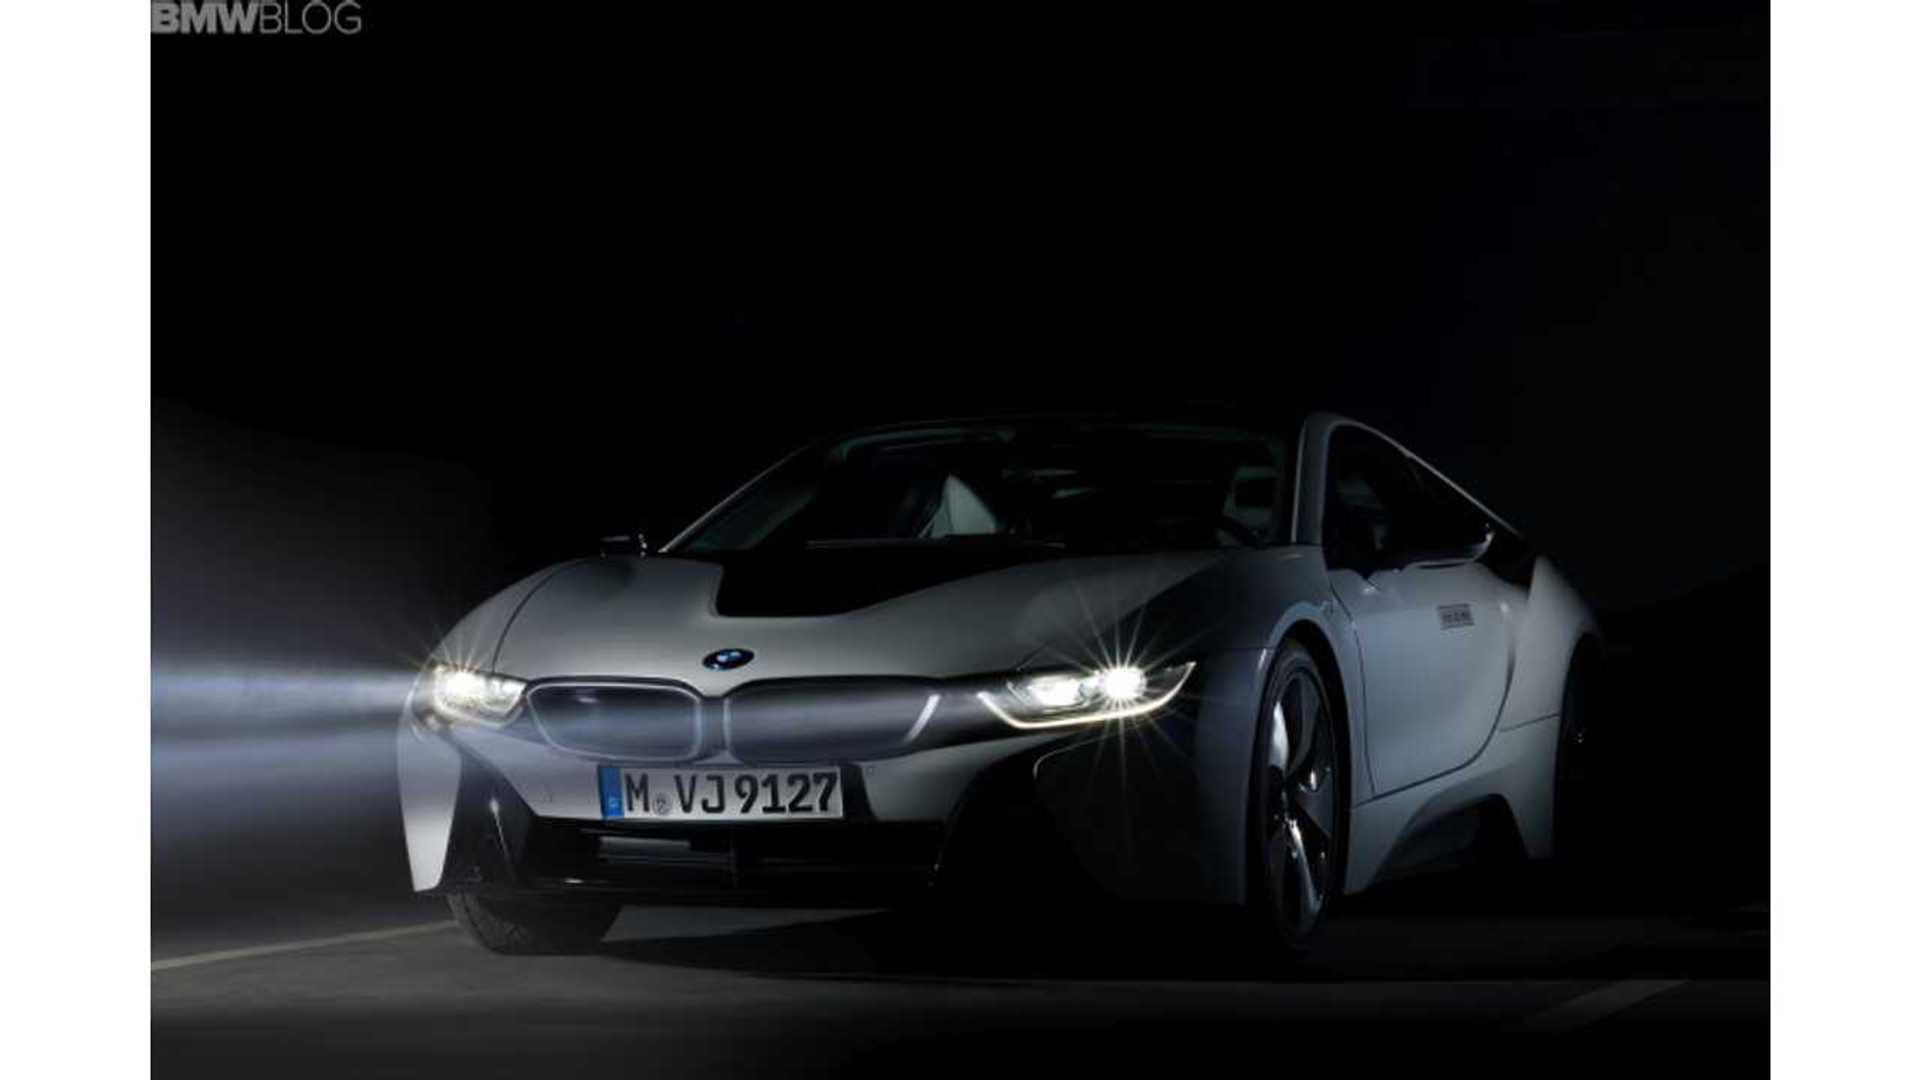 Bmw I8 Laser Lights 9 500 Euro Option In Germany